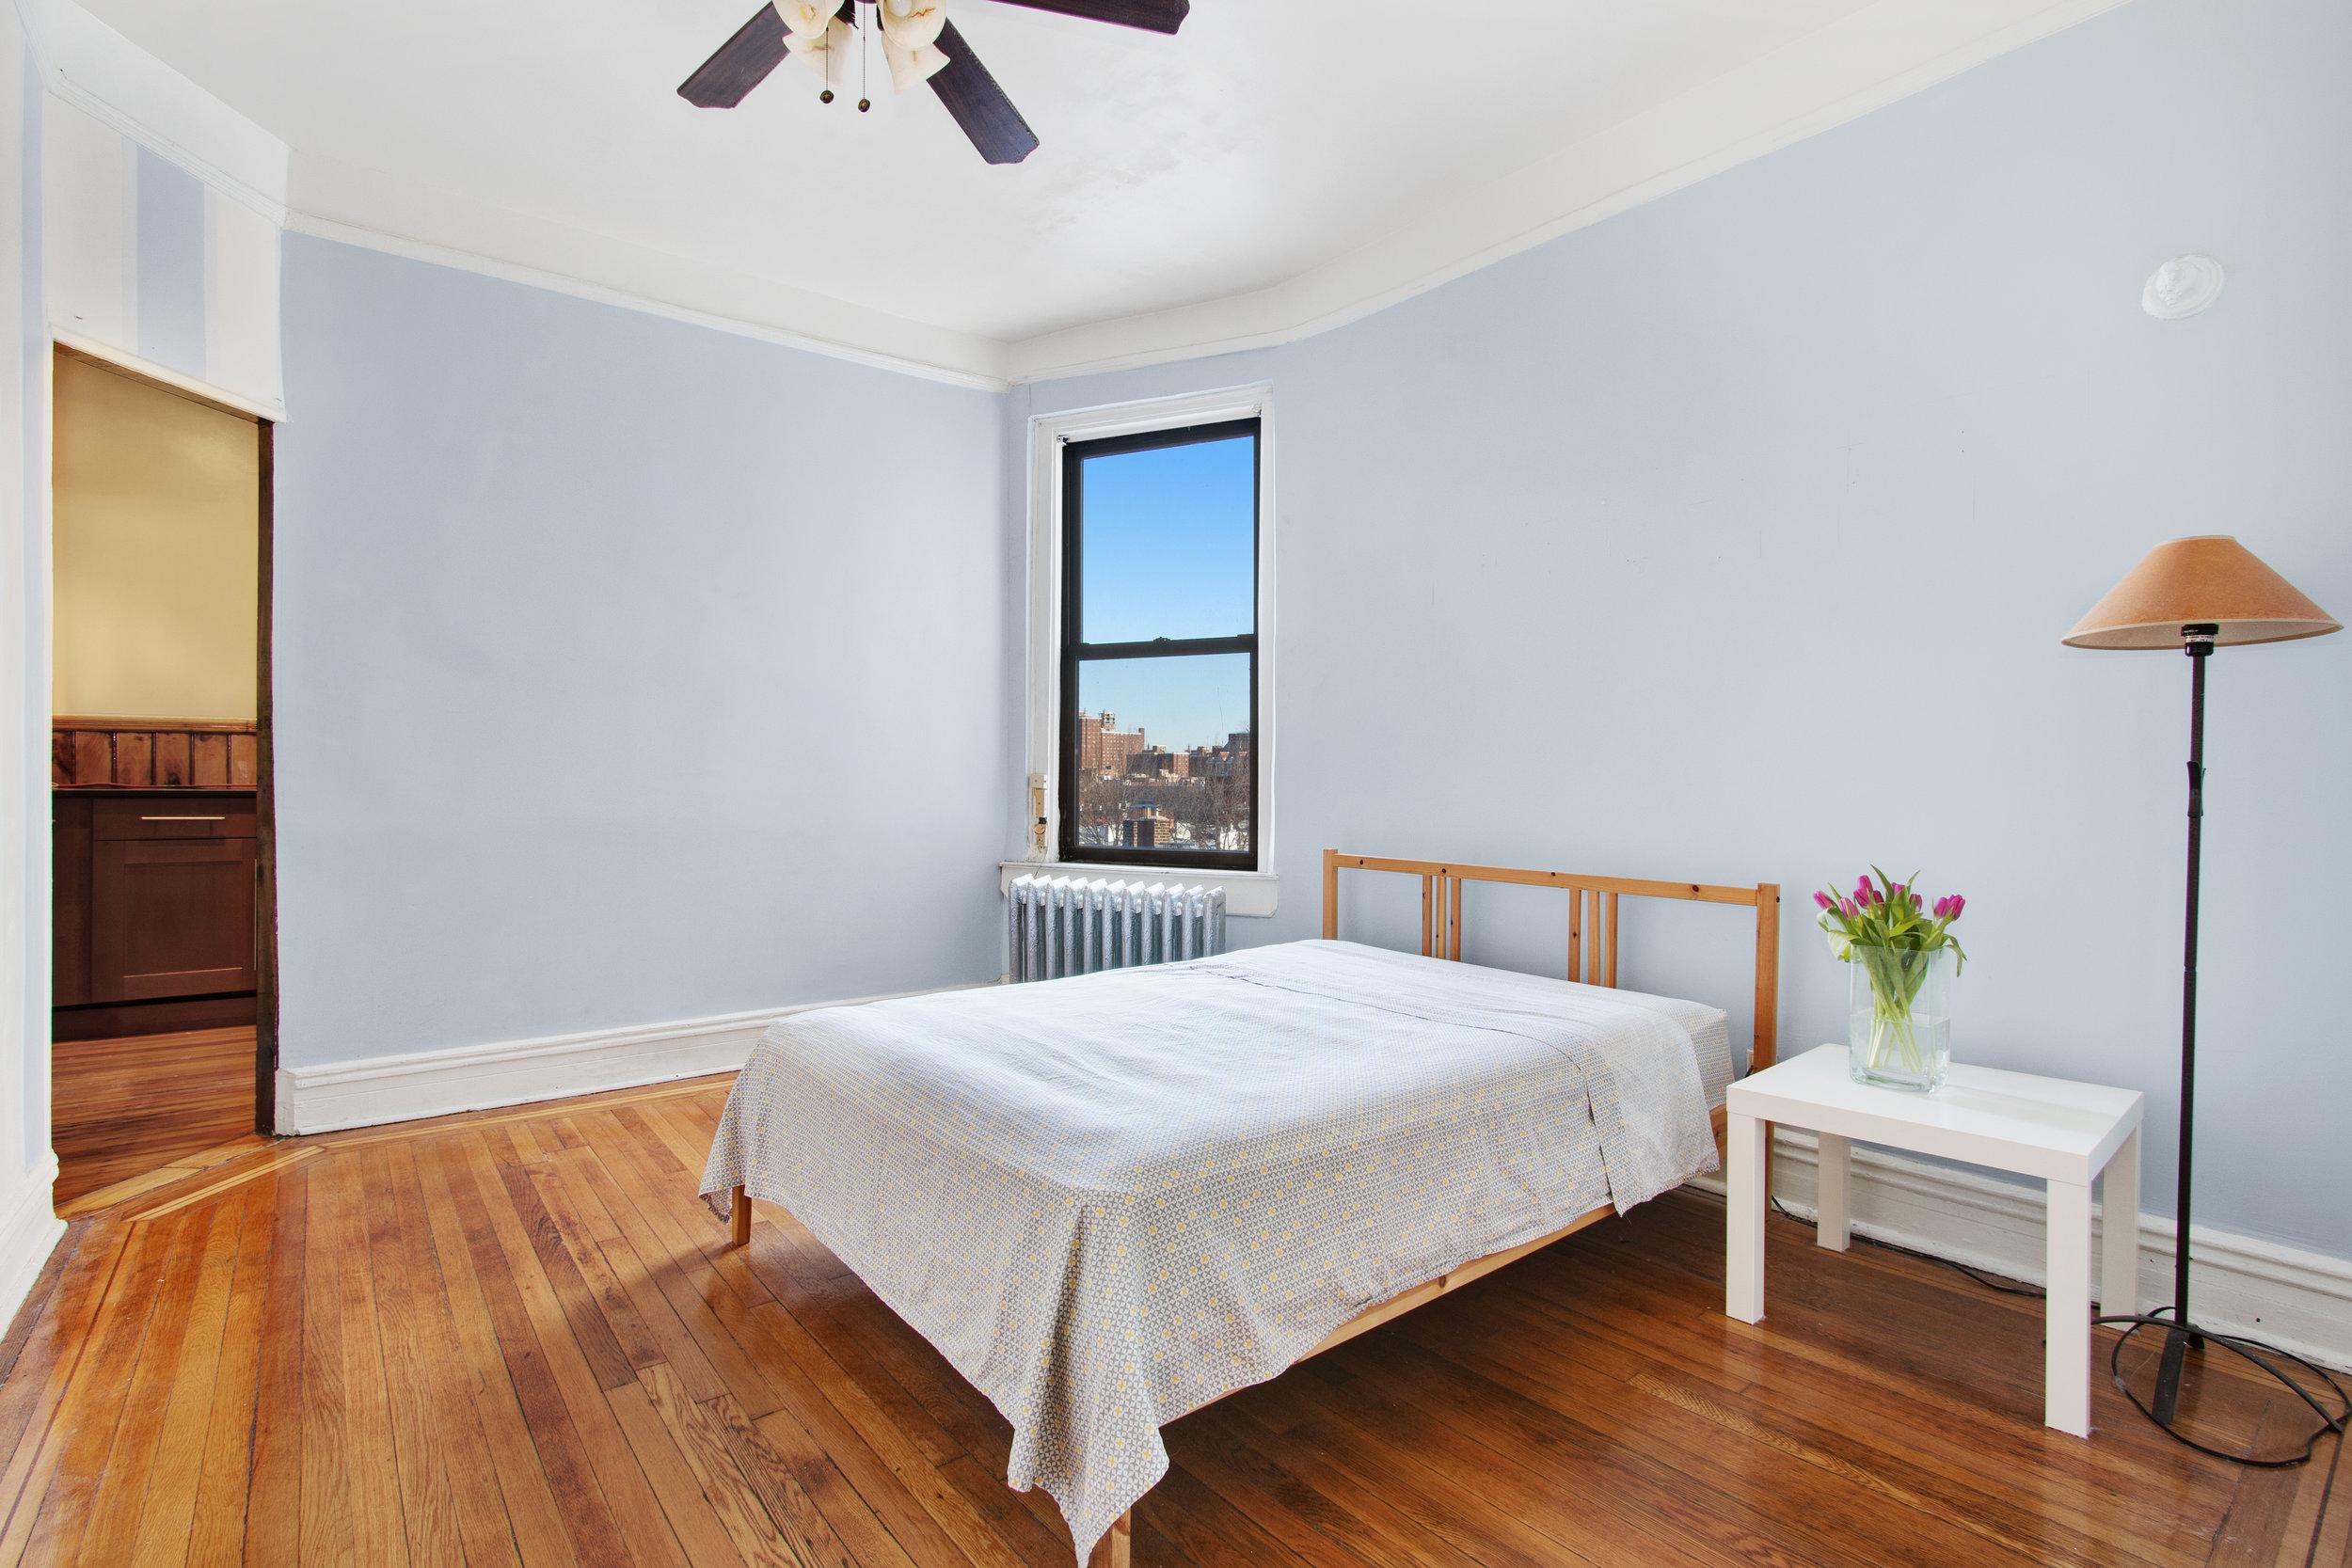 110 Cambridge Bedroom .jpg